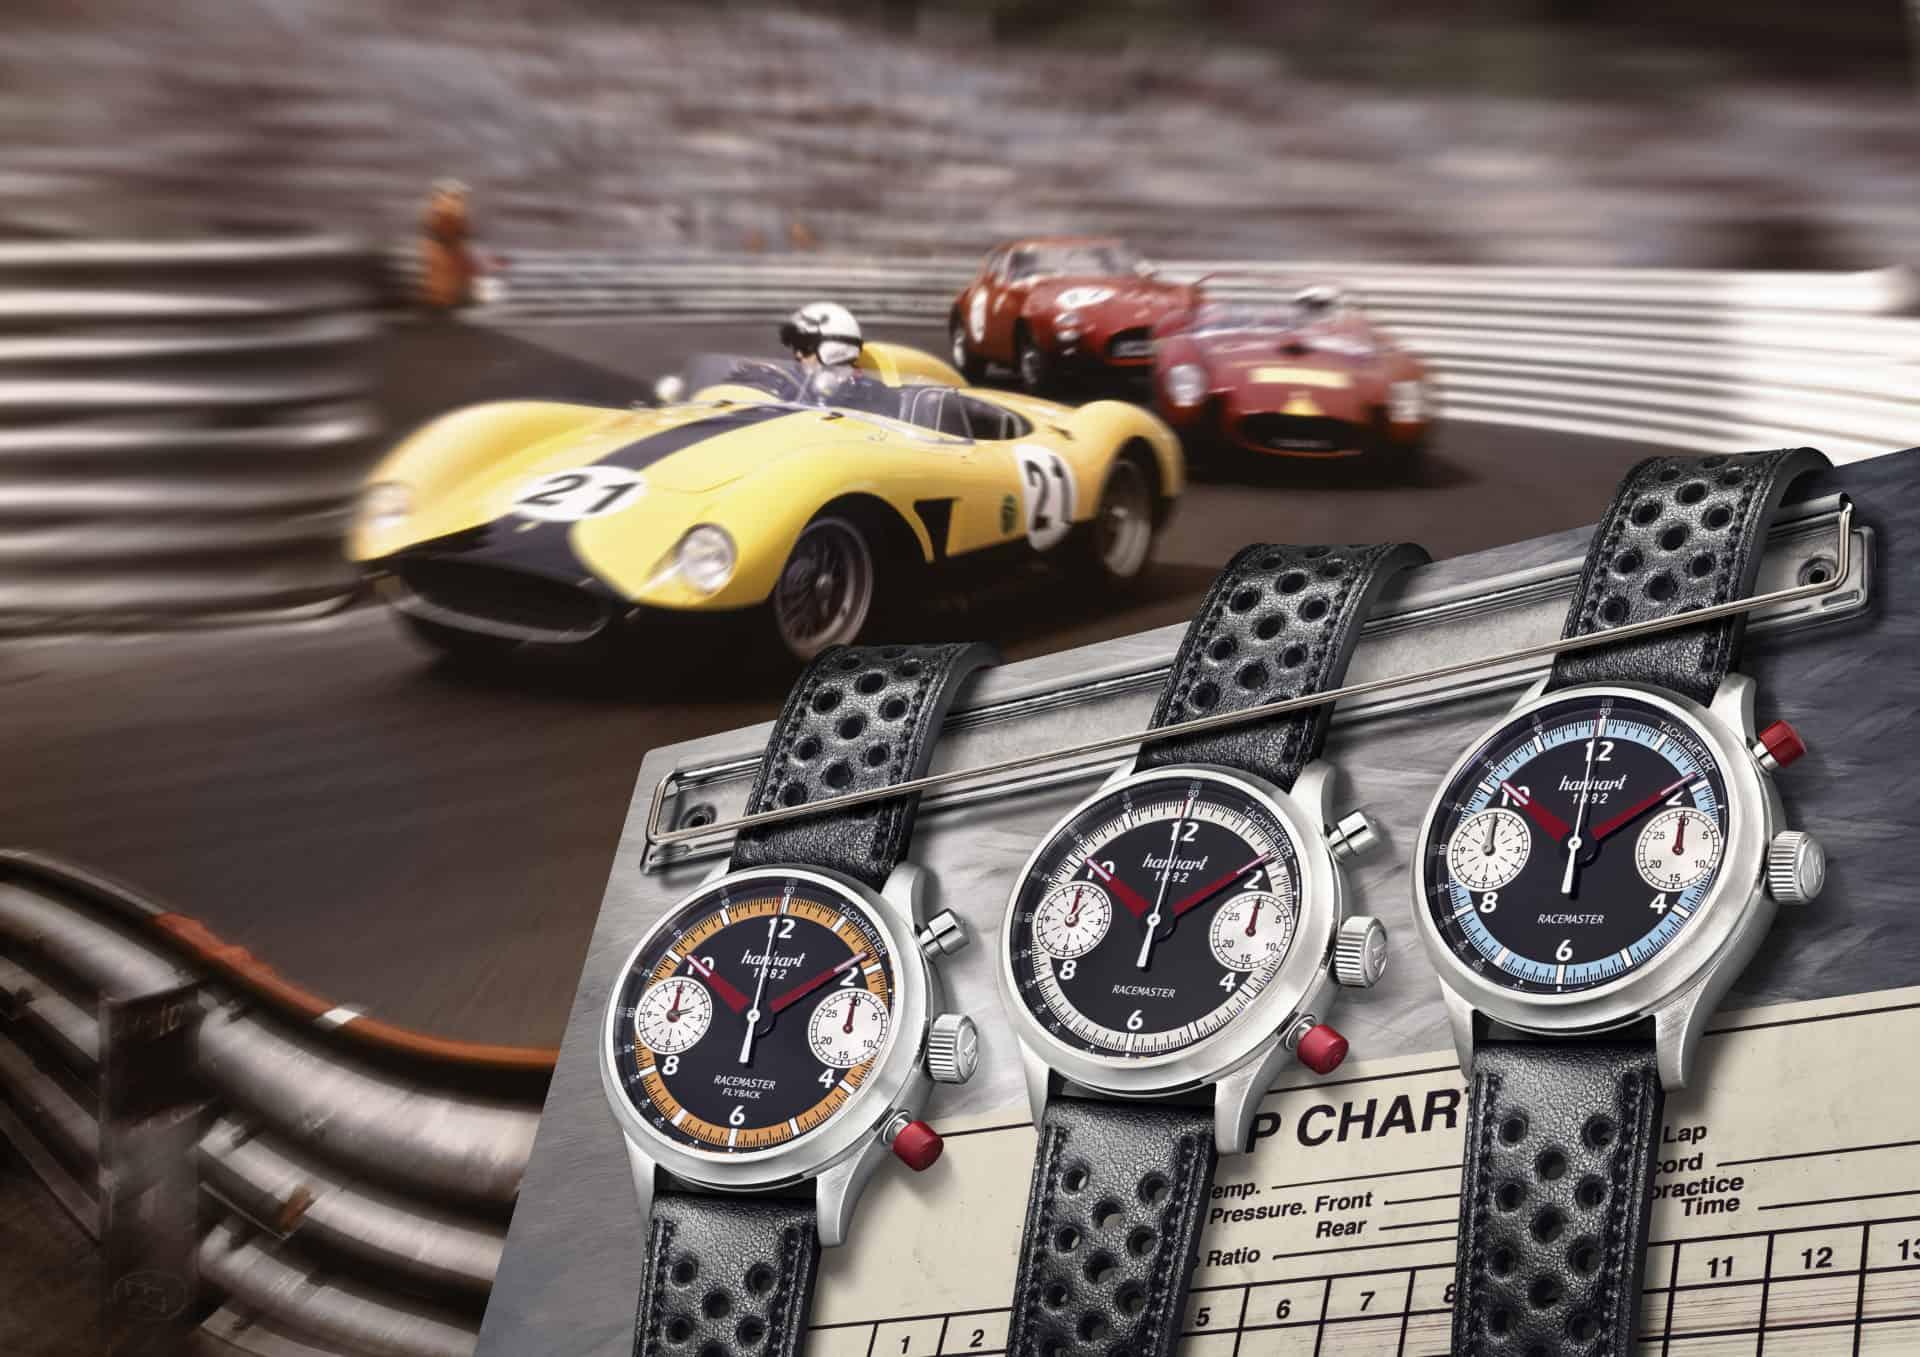 Verschiedene Modelle der Hanhart Pioneer Racemaster